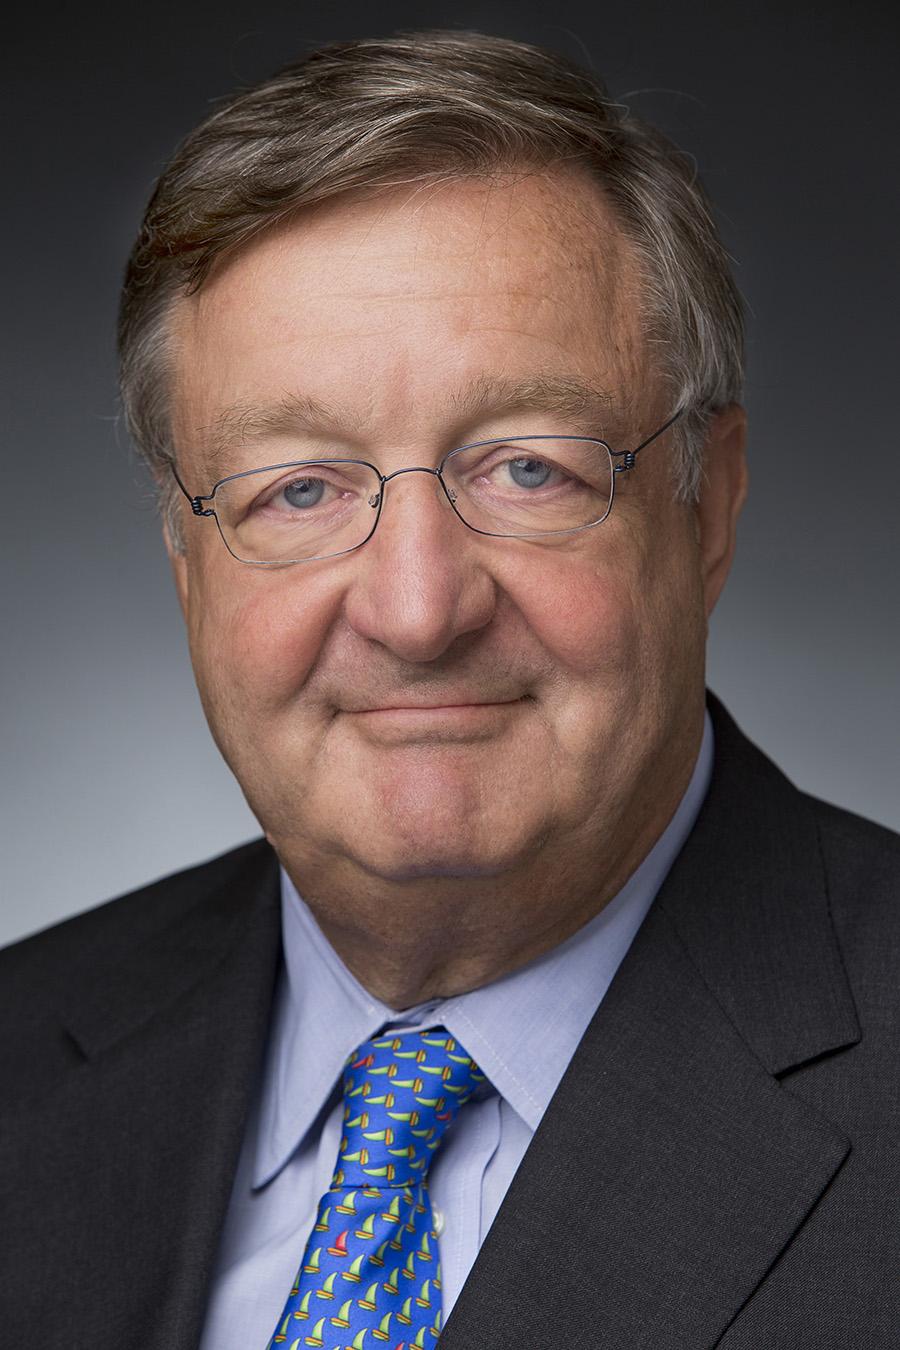 Bert Carp